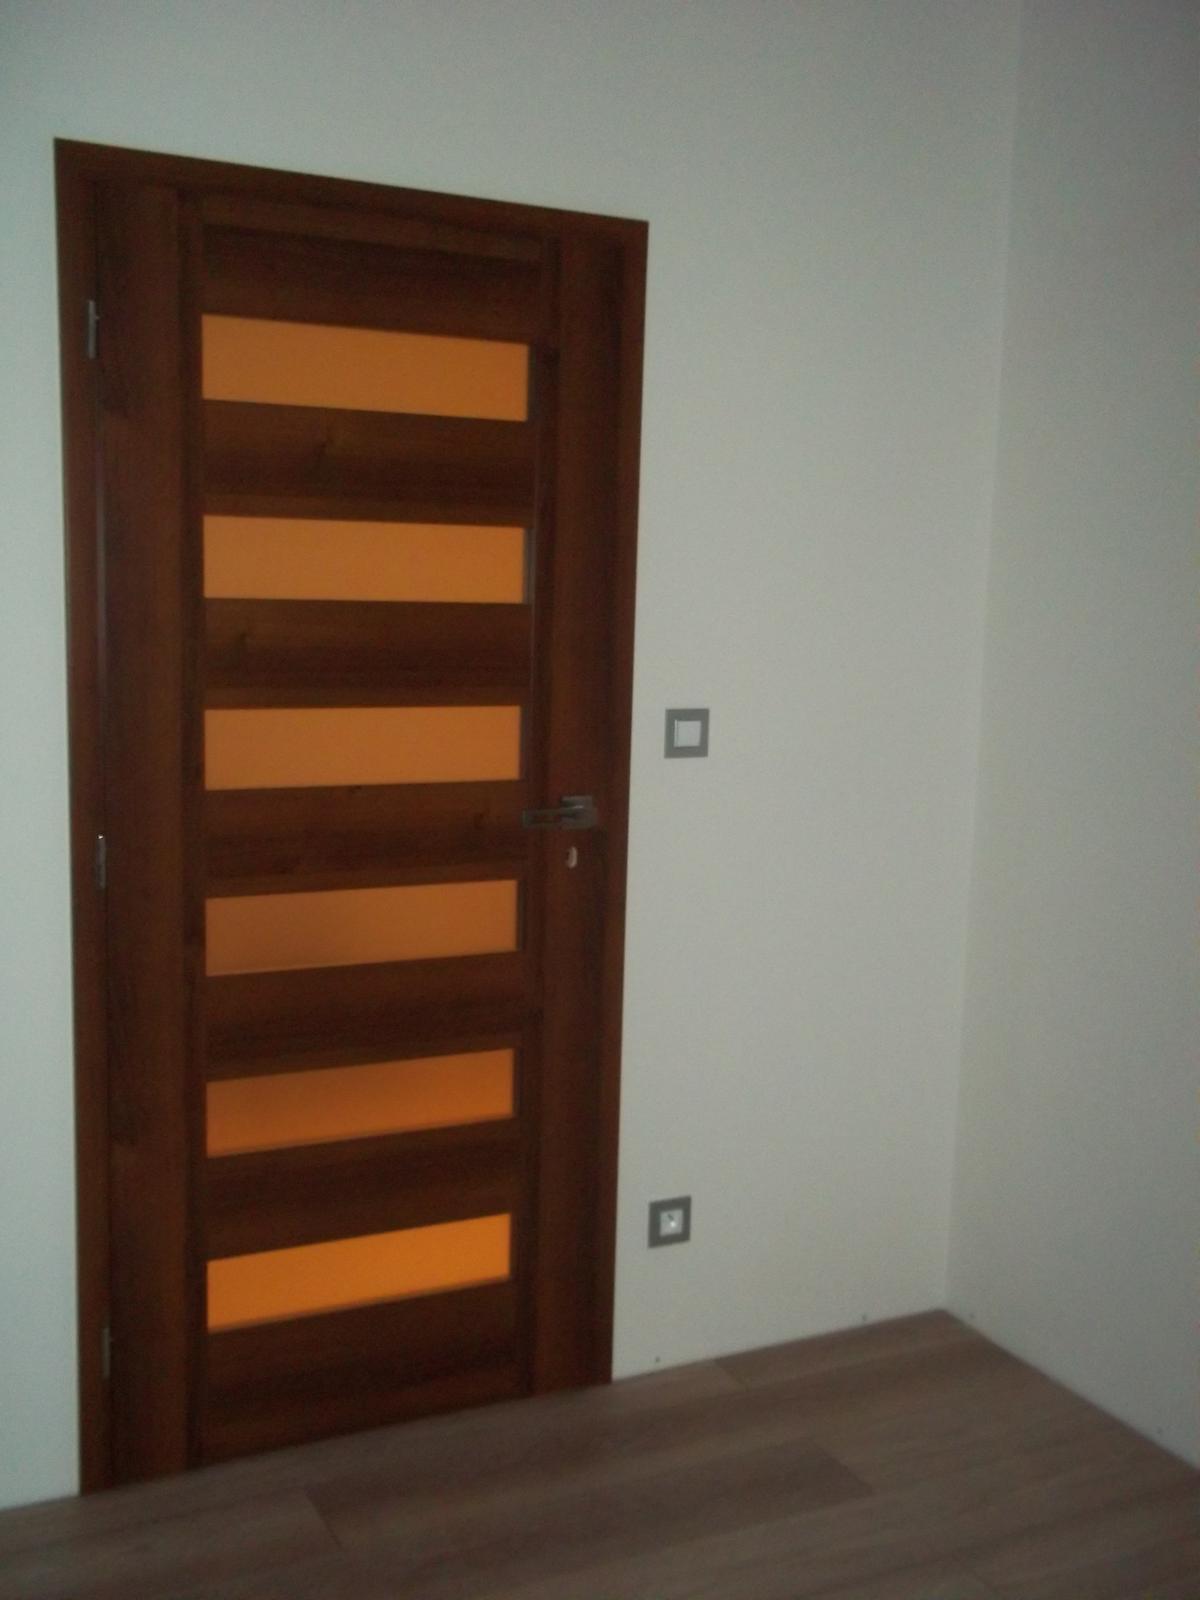 @linee My máme dveře... - Obrázek č. 1